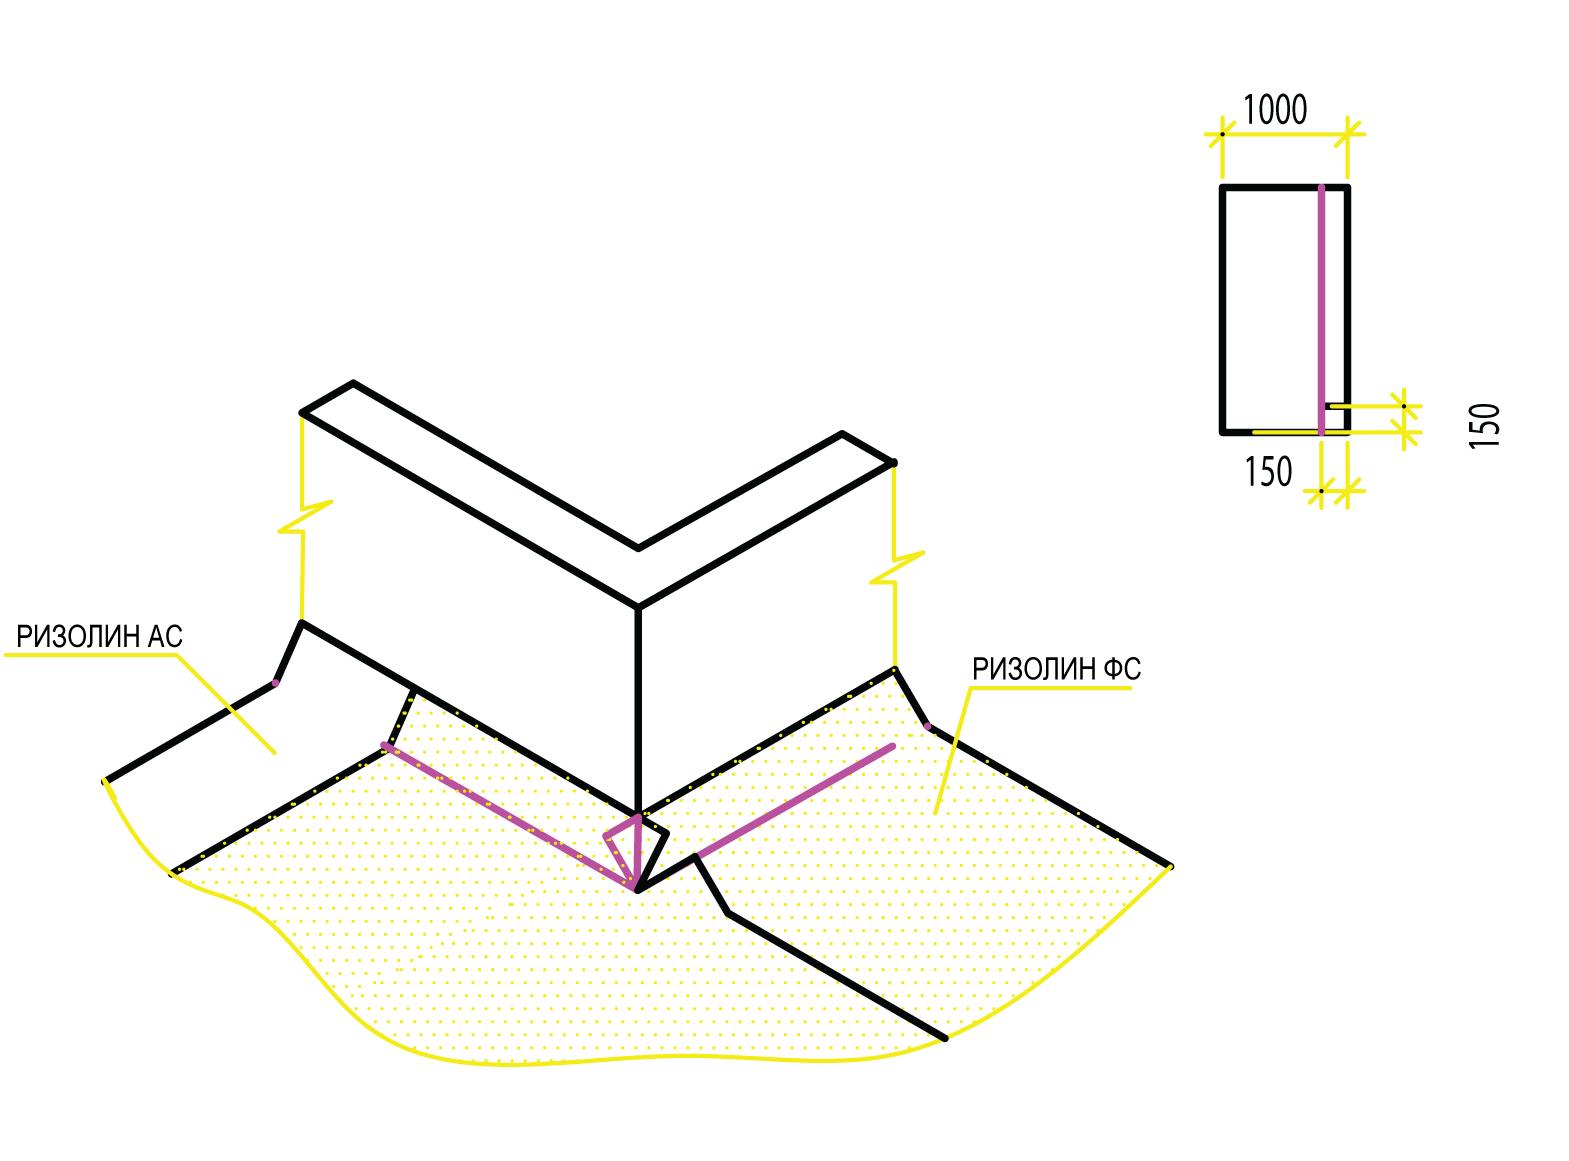 Руководство по устройству и ремонту мягкой кровли из самоклеящегося рулонного гидроизоляционного и кровельного материала «Ризолин» - фото 8